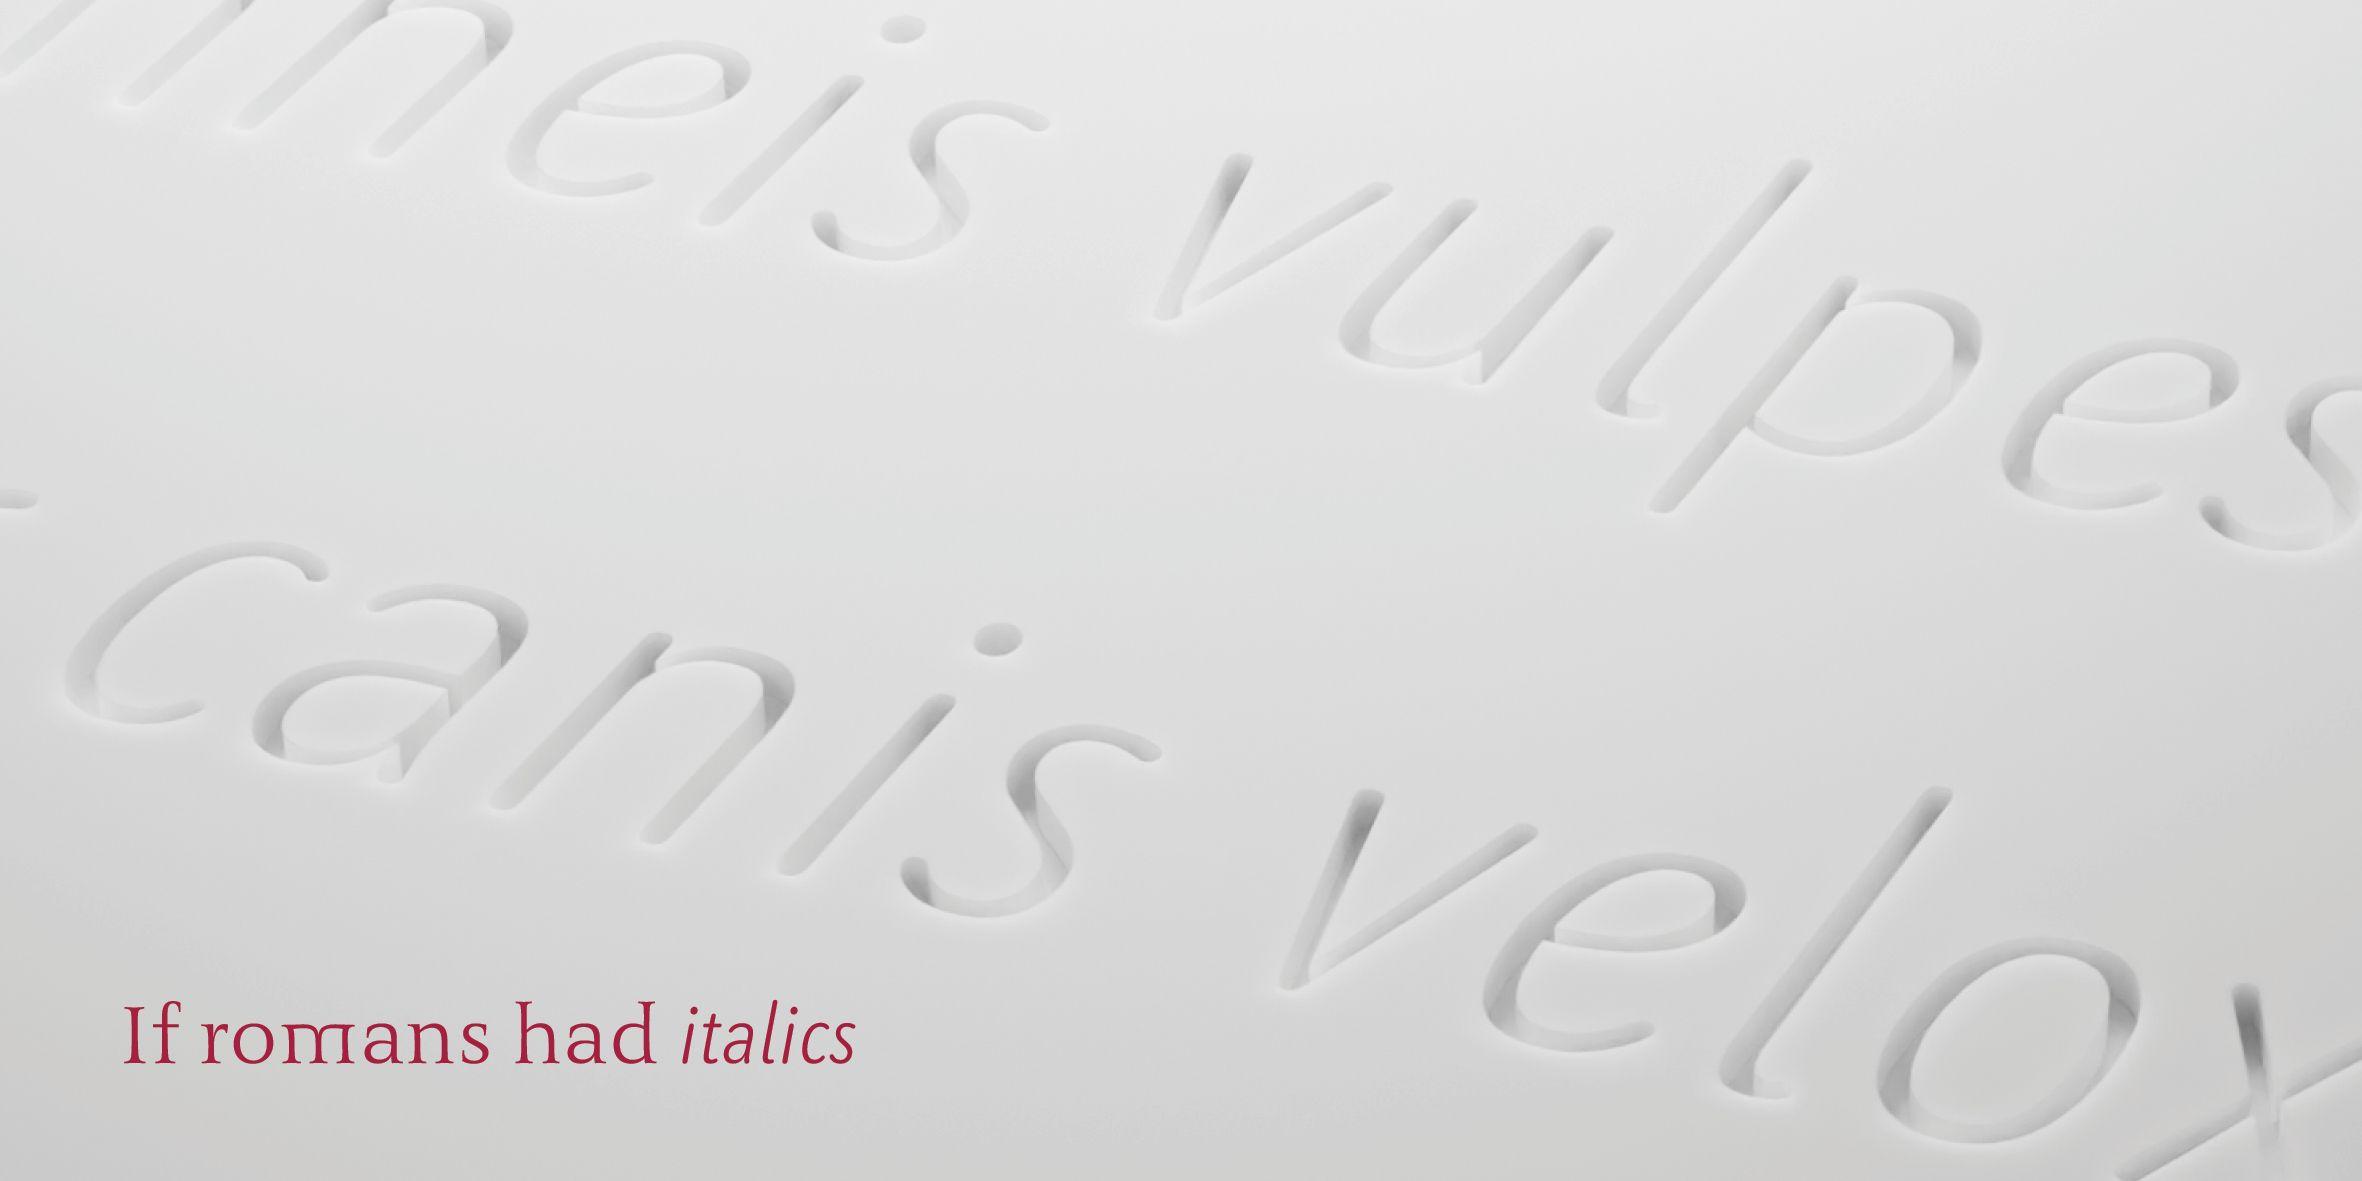 3D-Rendering zeigt die Benedikt Kursiv, eingraviert in eine wachsartige, weiße Oberfläche